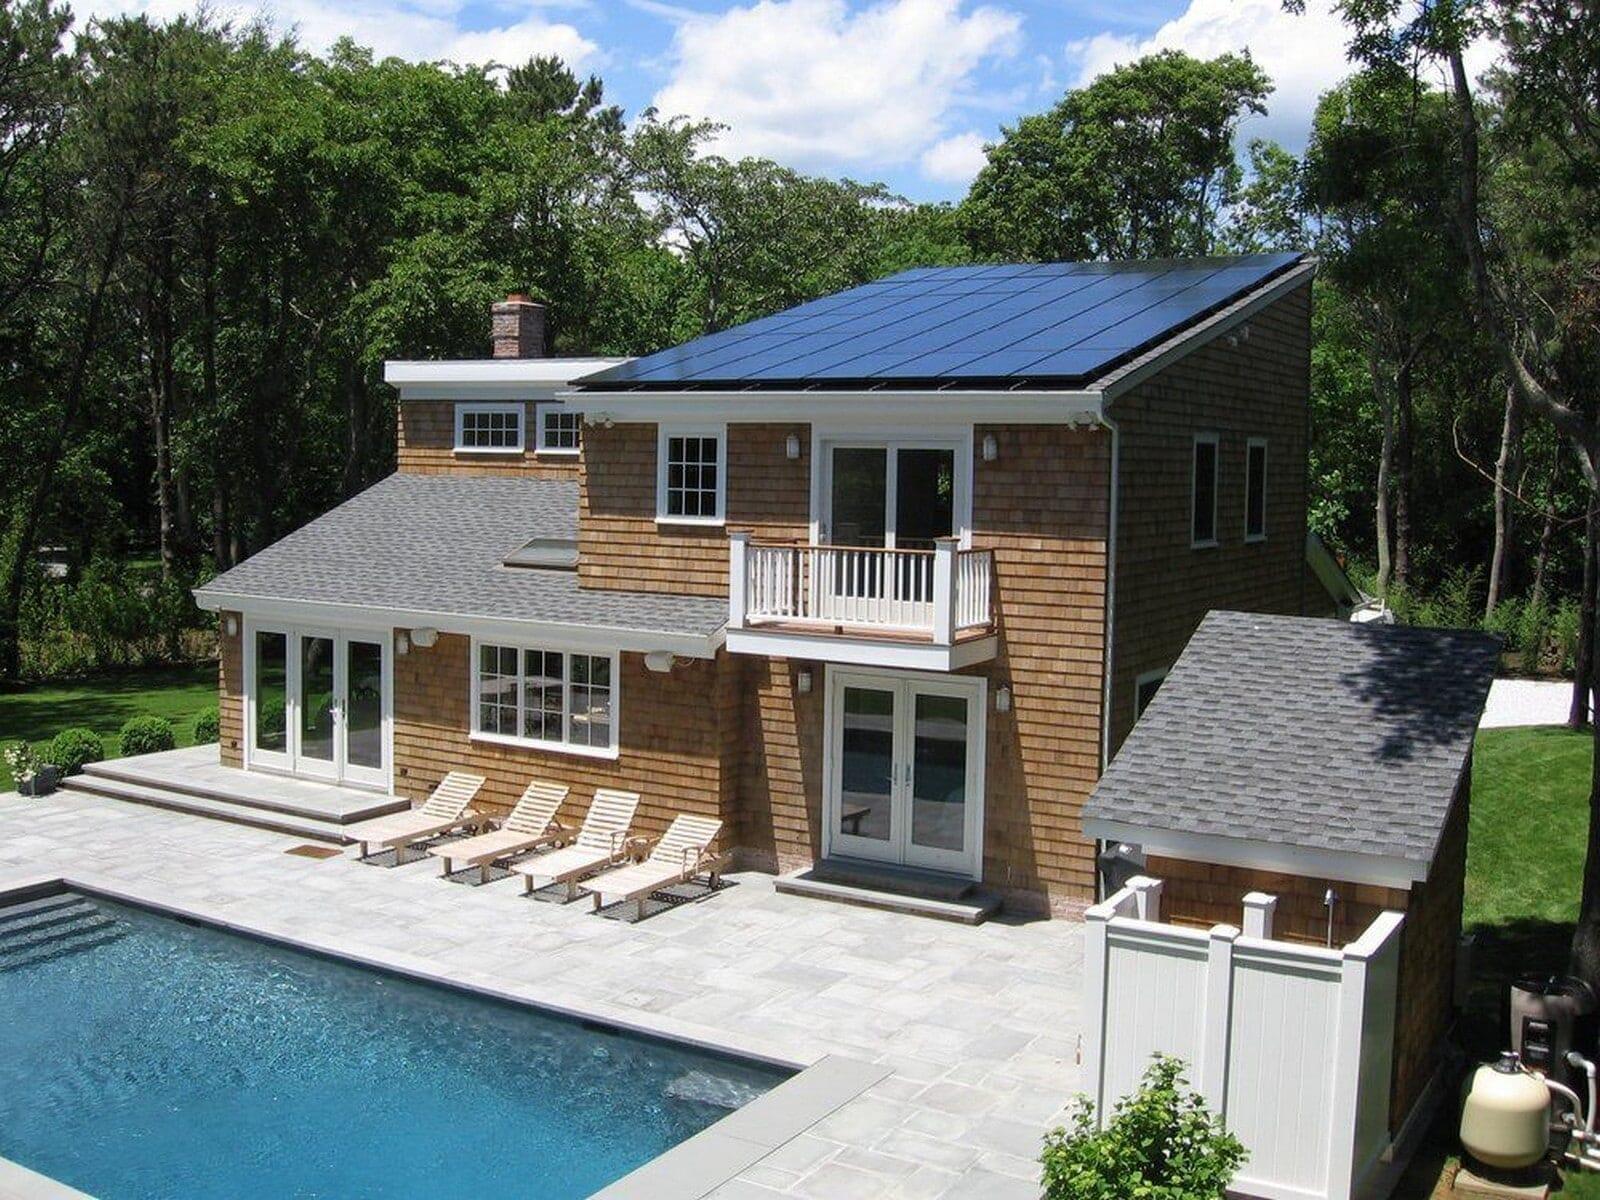 Evde elektrik enerjisi üretmek mümkün mü?